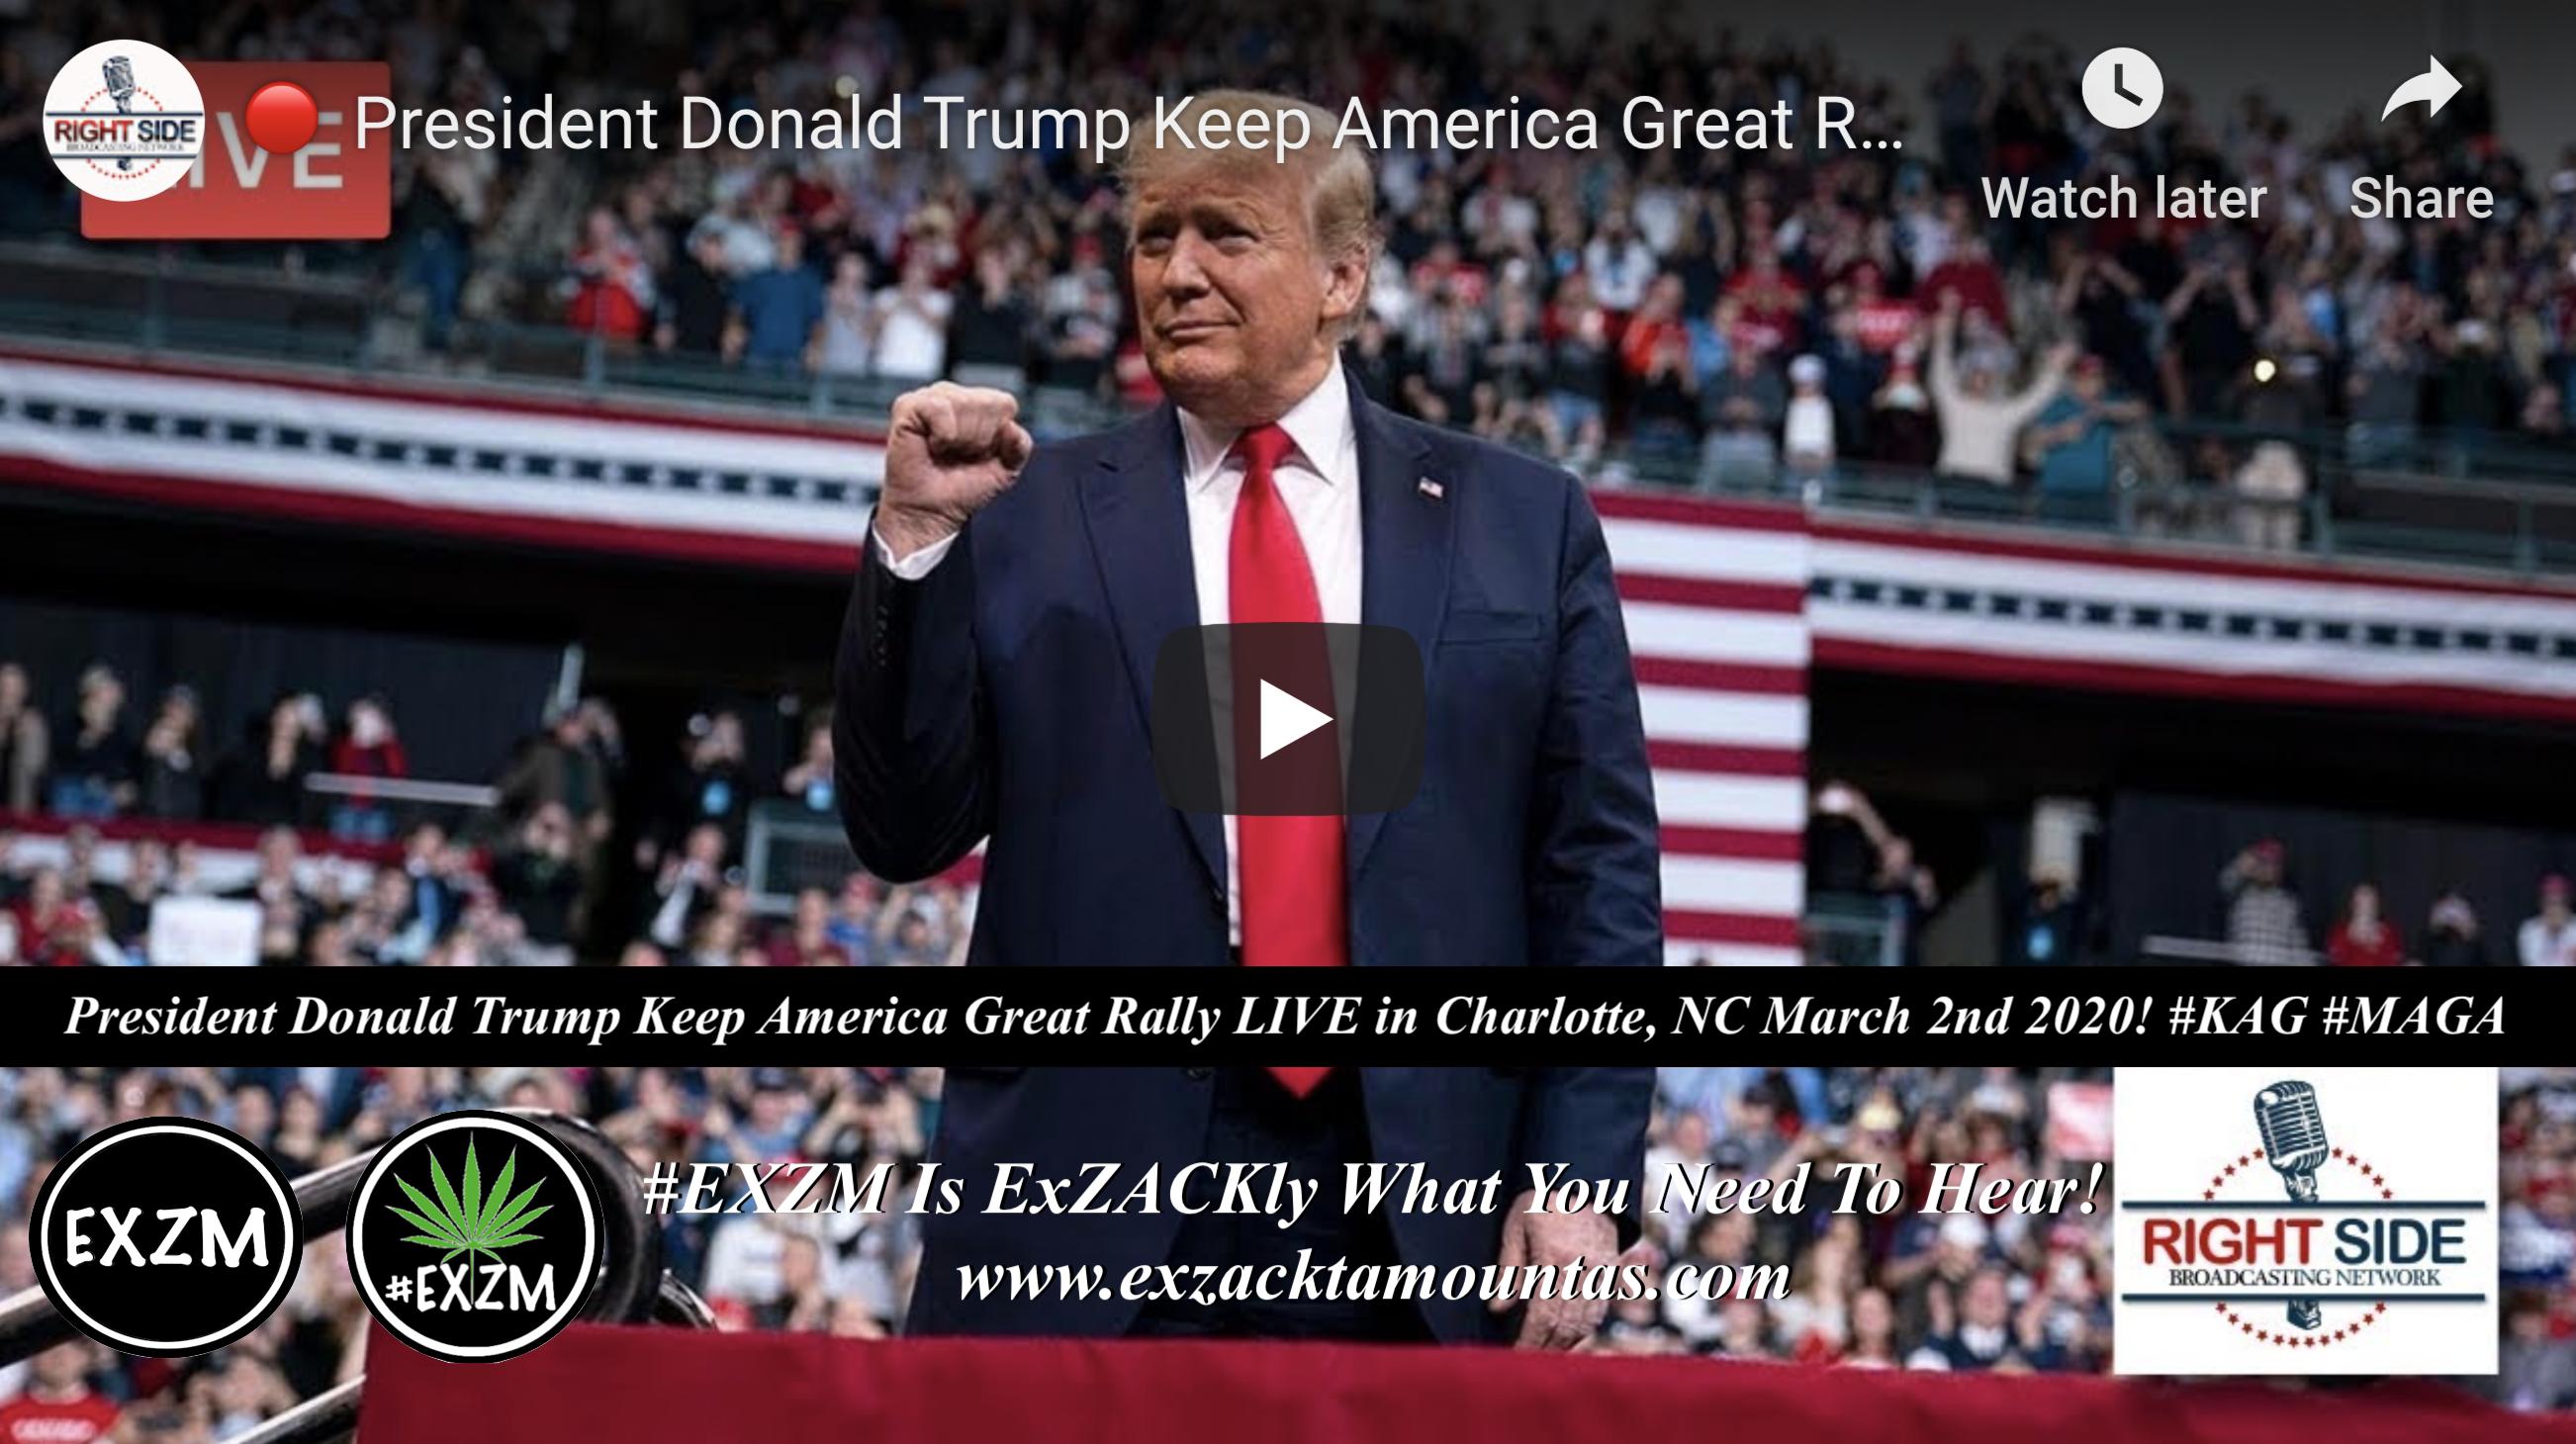 Donald Trump KAG MAGA Charlotte, NC March 2nd 2020